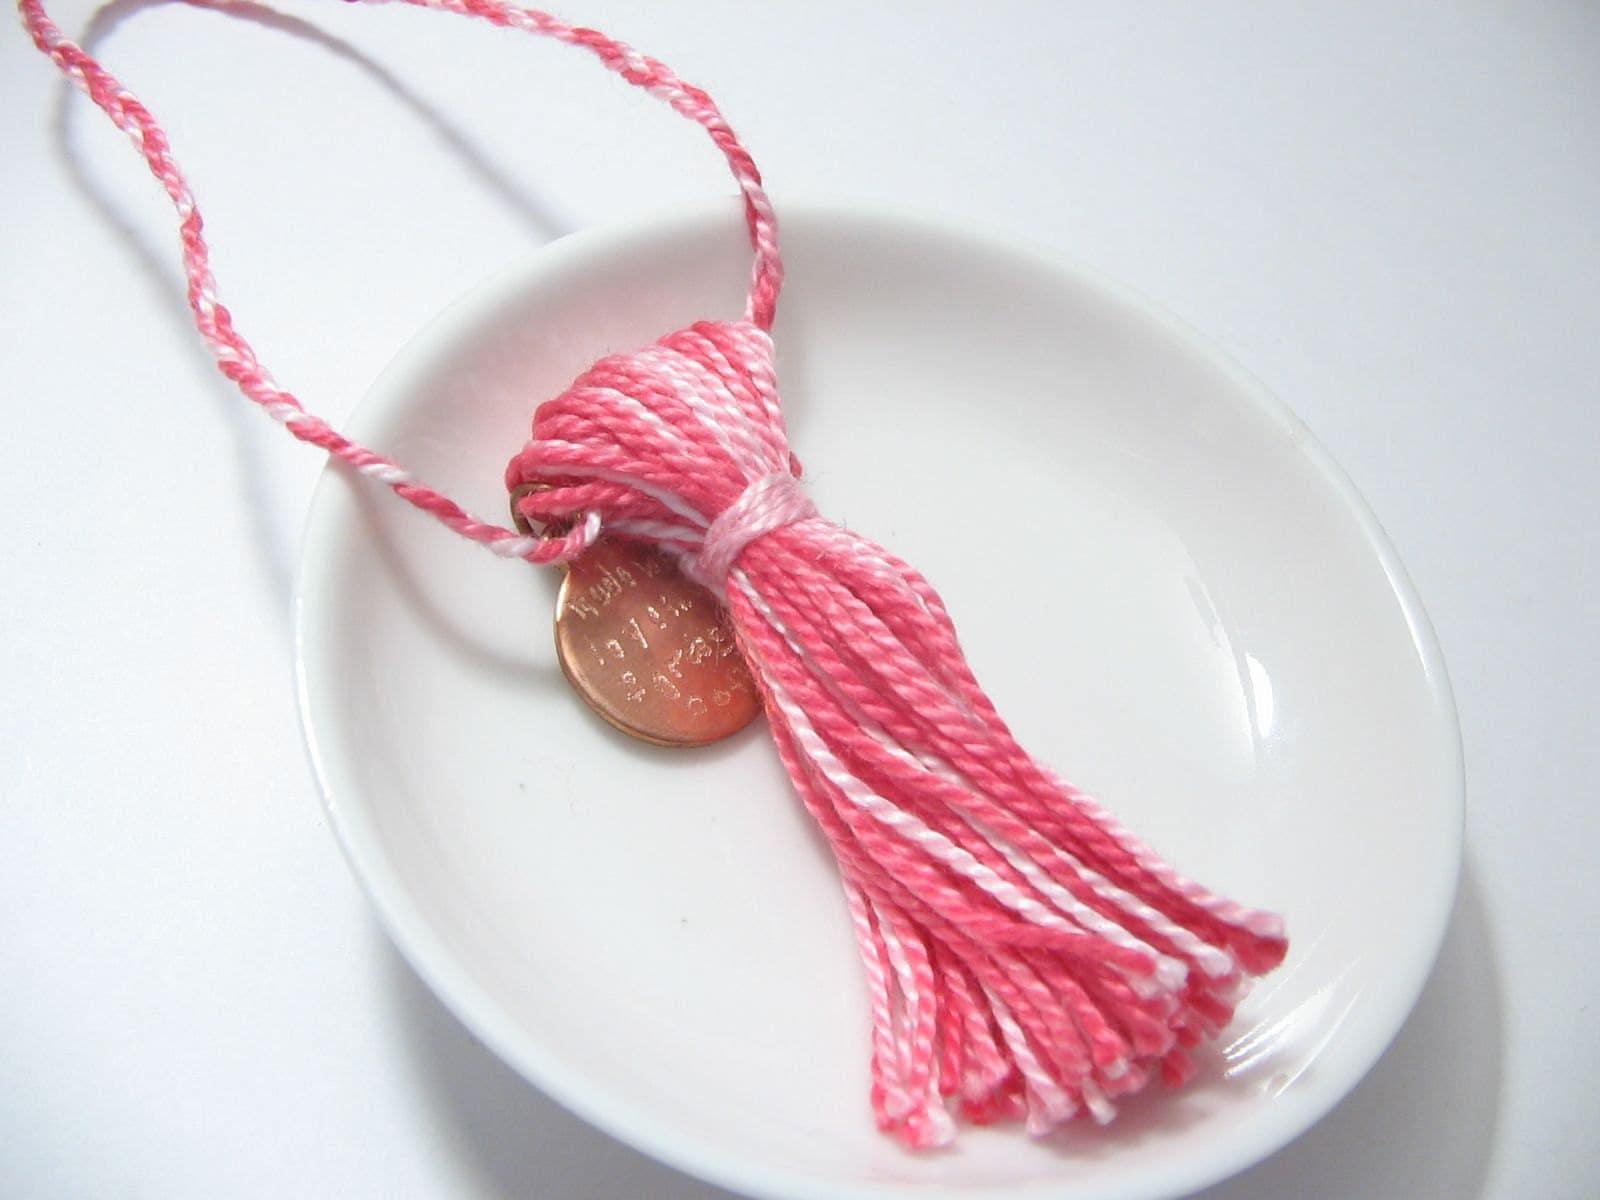 Pink striped childs graduation tassel from Lizbeths Garden